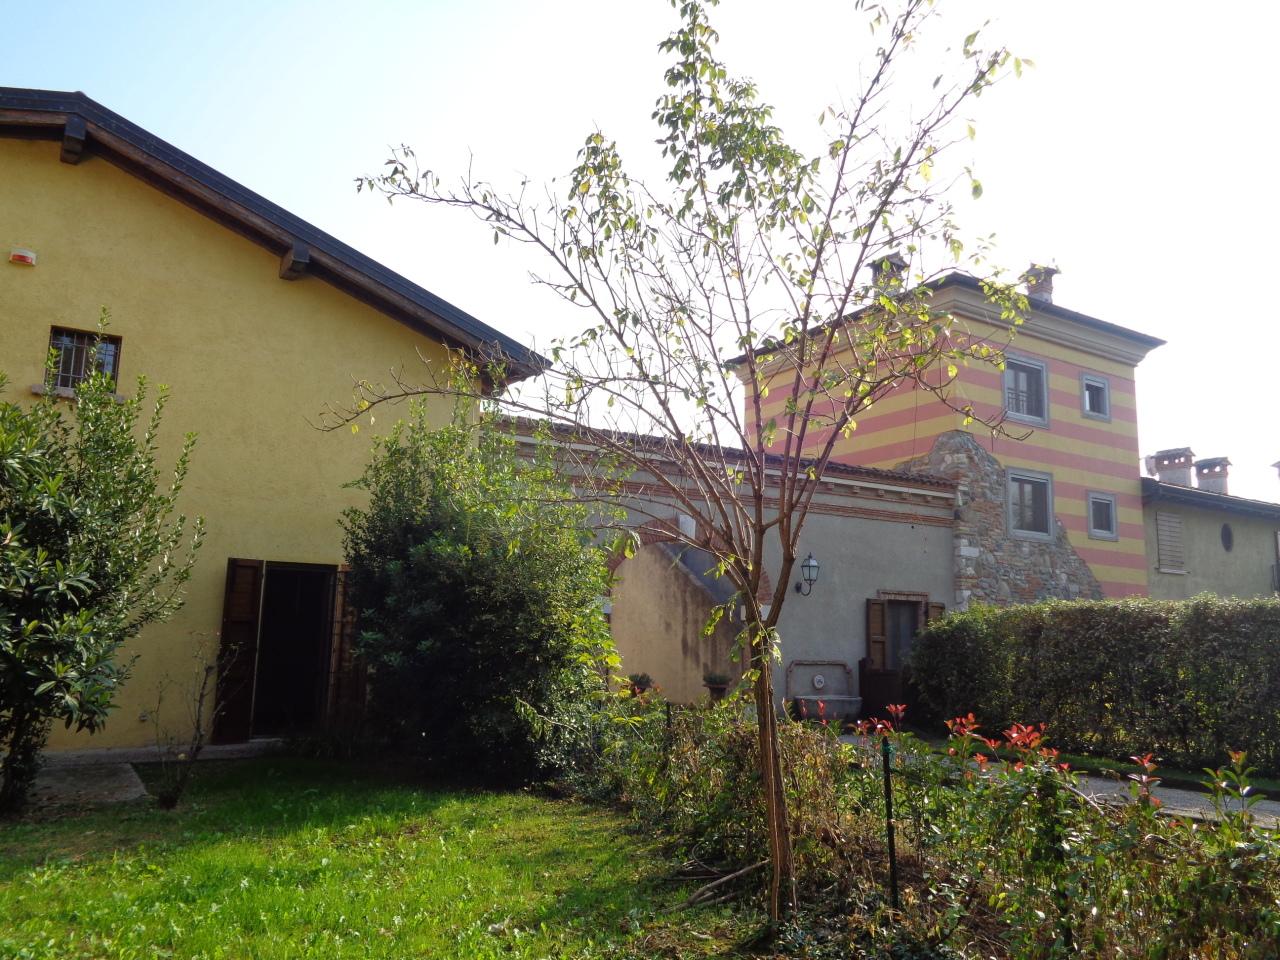 Appartamento in vendita a Prevalle, 3 locali, prezzo € 180.000 | PortaleAgenzieImmobiliari.it